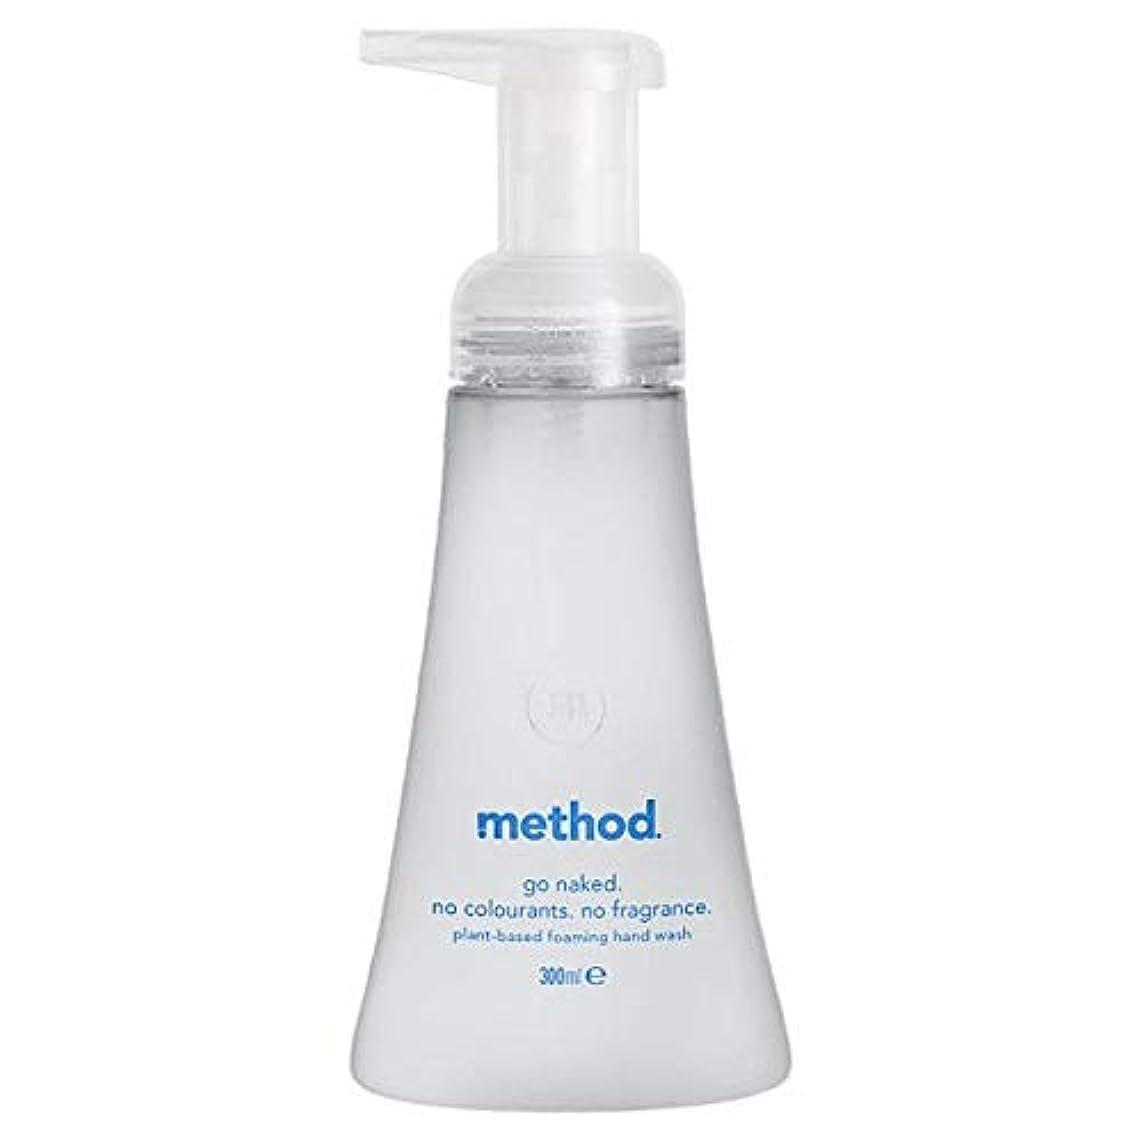 連帯不器用究極の[Method ] メソッド裸発泡手洗いの300ミリリットル - Method Naked Foaming Handwash 300Ml [並行輸入品]